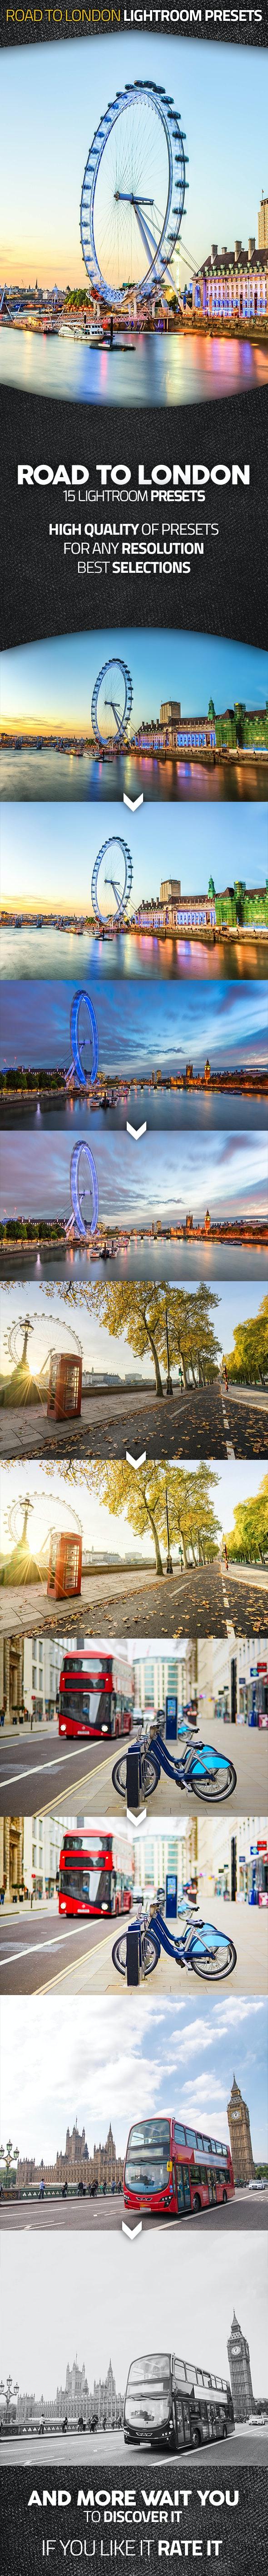 Road To London Lightroom Presets - Landscape Lightroom Presets